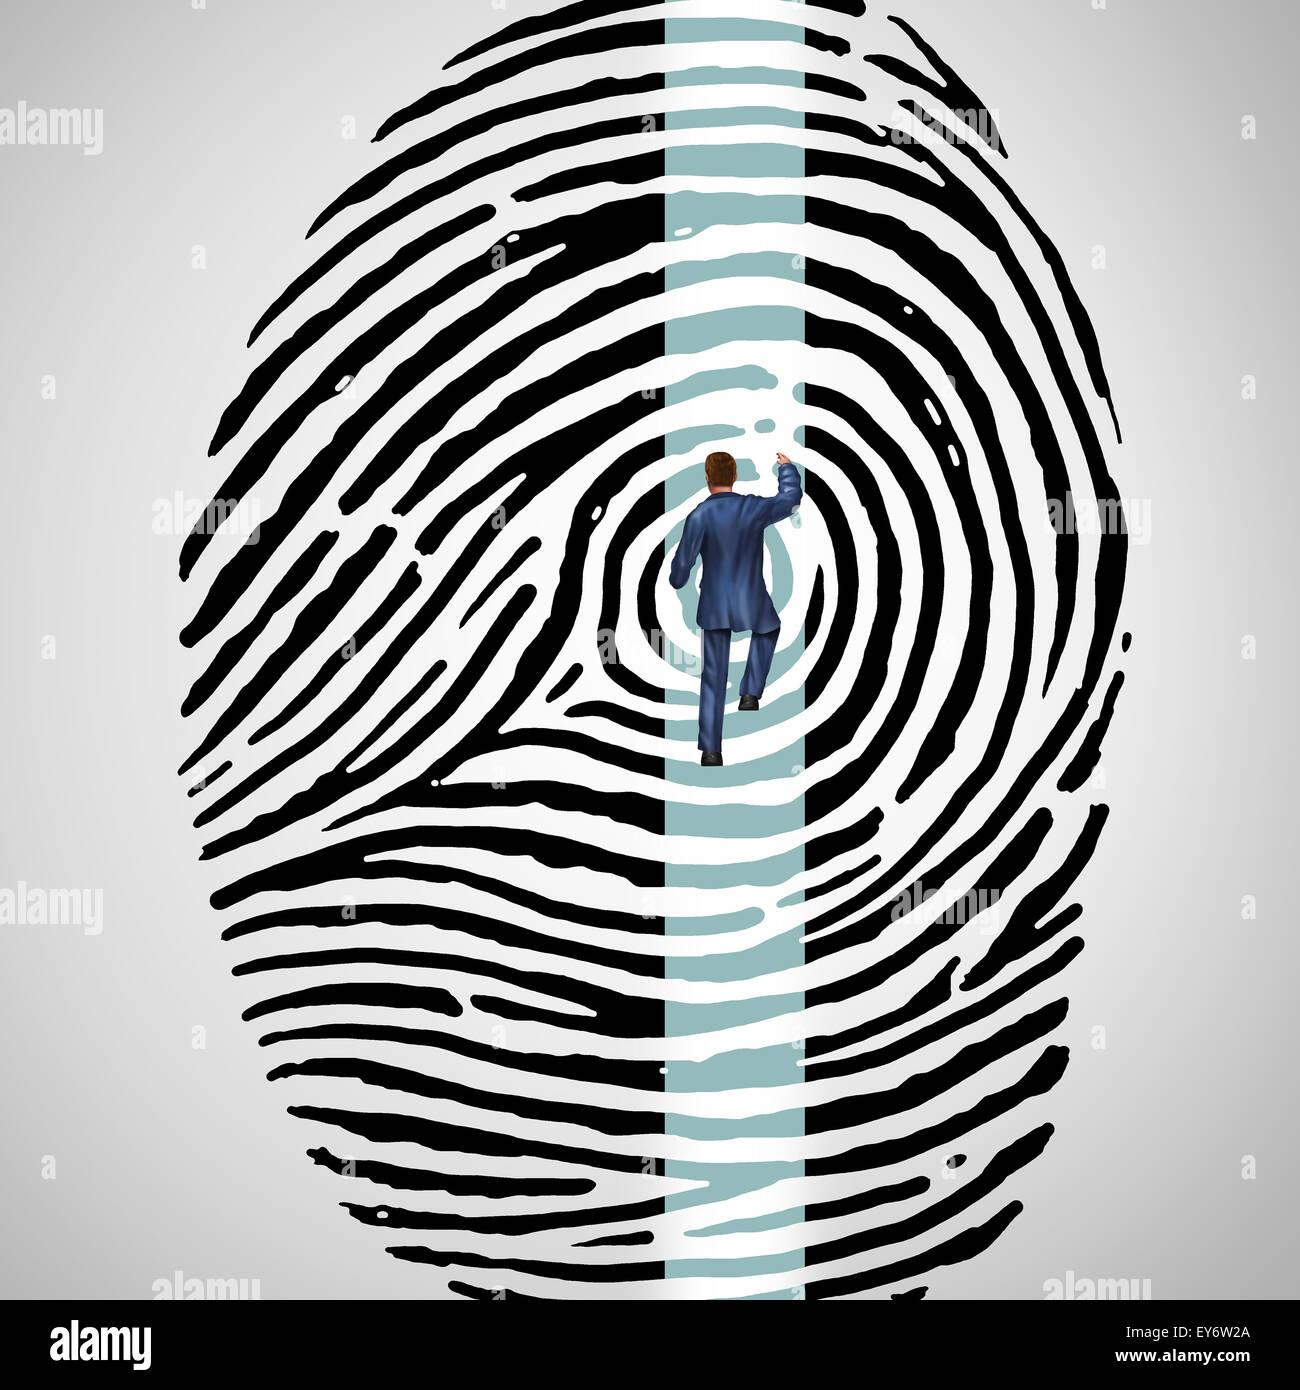 Beeindruckend Bild Fingerabdruck Foto Von Persönliche Forderung Sicherheitskonzept Als Person Klettern Einen